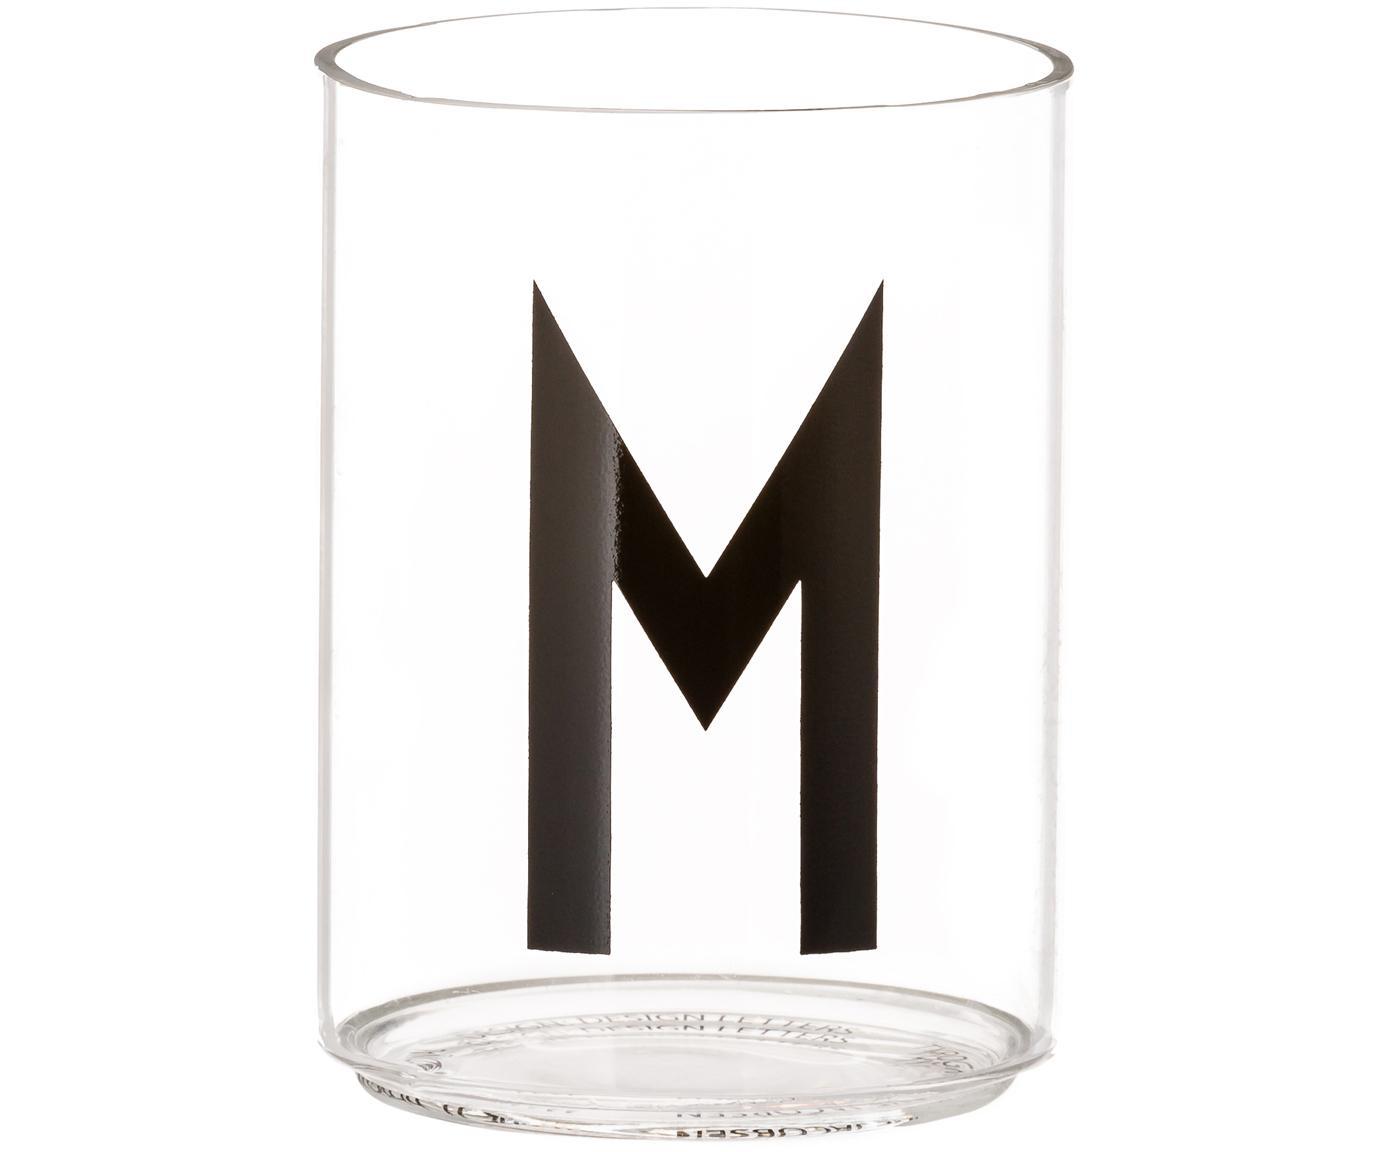 Wasserglas Personal mit Designletters (Varianten von A bis Z), Borosilikatglas, Transparent, Schwarz, Wasserglas M